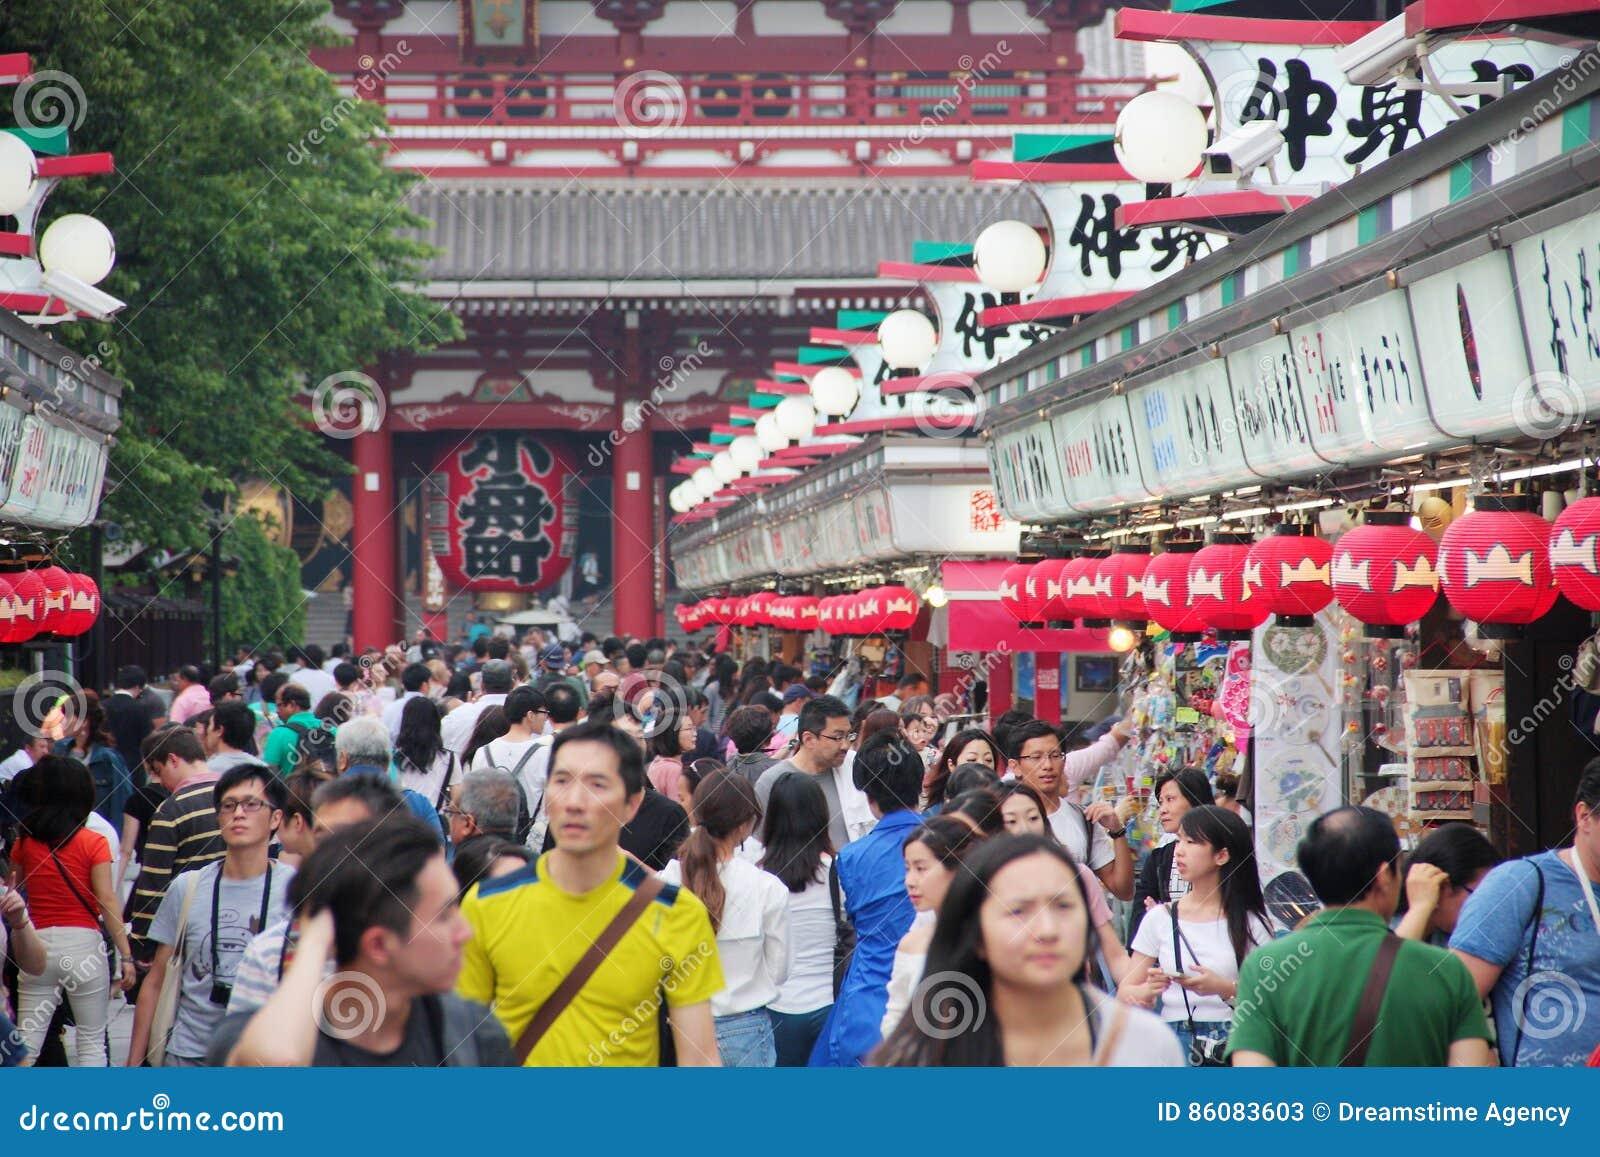 Muchedumbre de gente en la calle de Nakamise Dori para hacer compras y visitar los templos próximos, Tokio, Asakusa, Japón